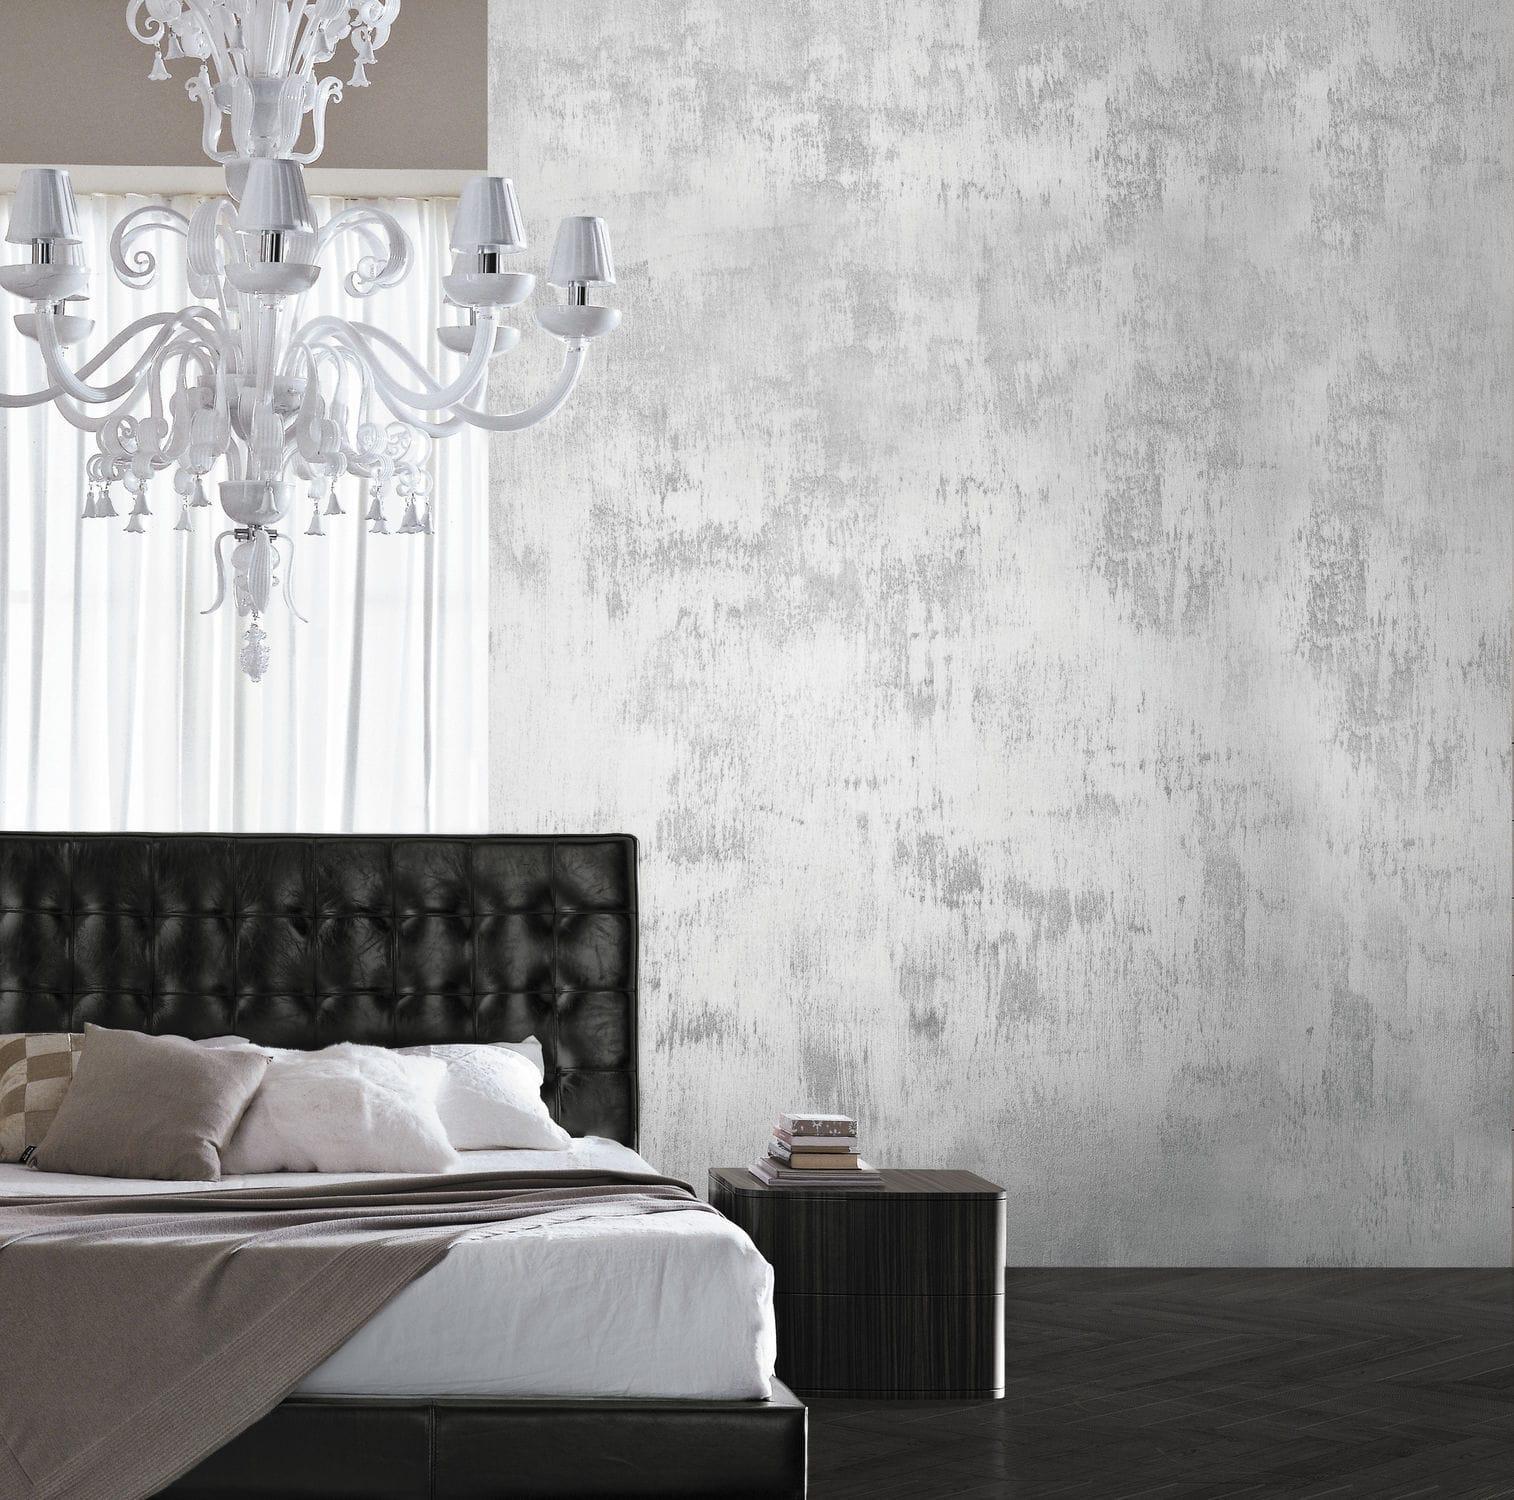 Colori pitture per pareti moderne le 10 migliori idee con for Pareti moderne